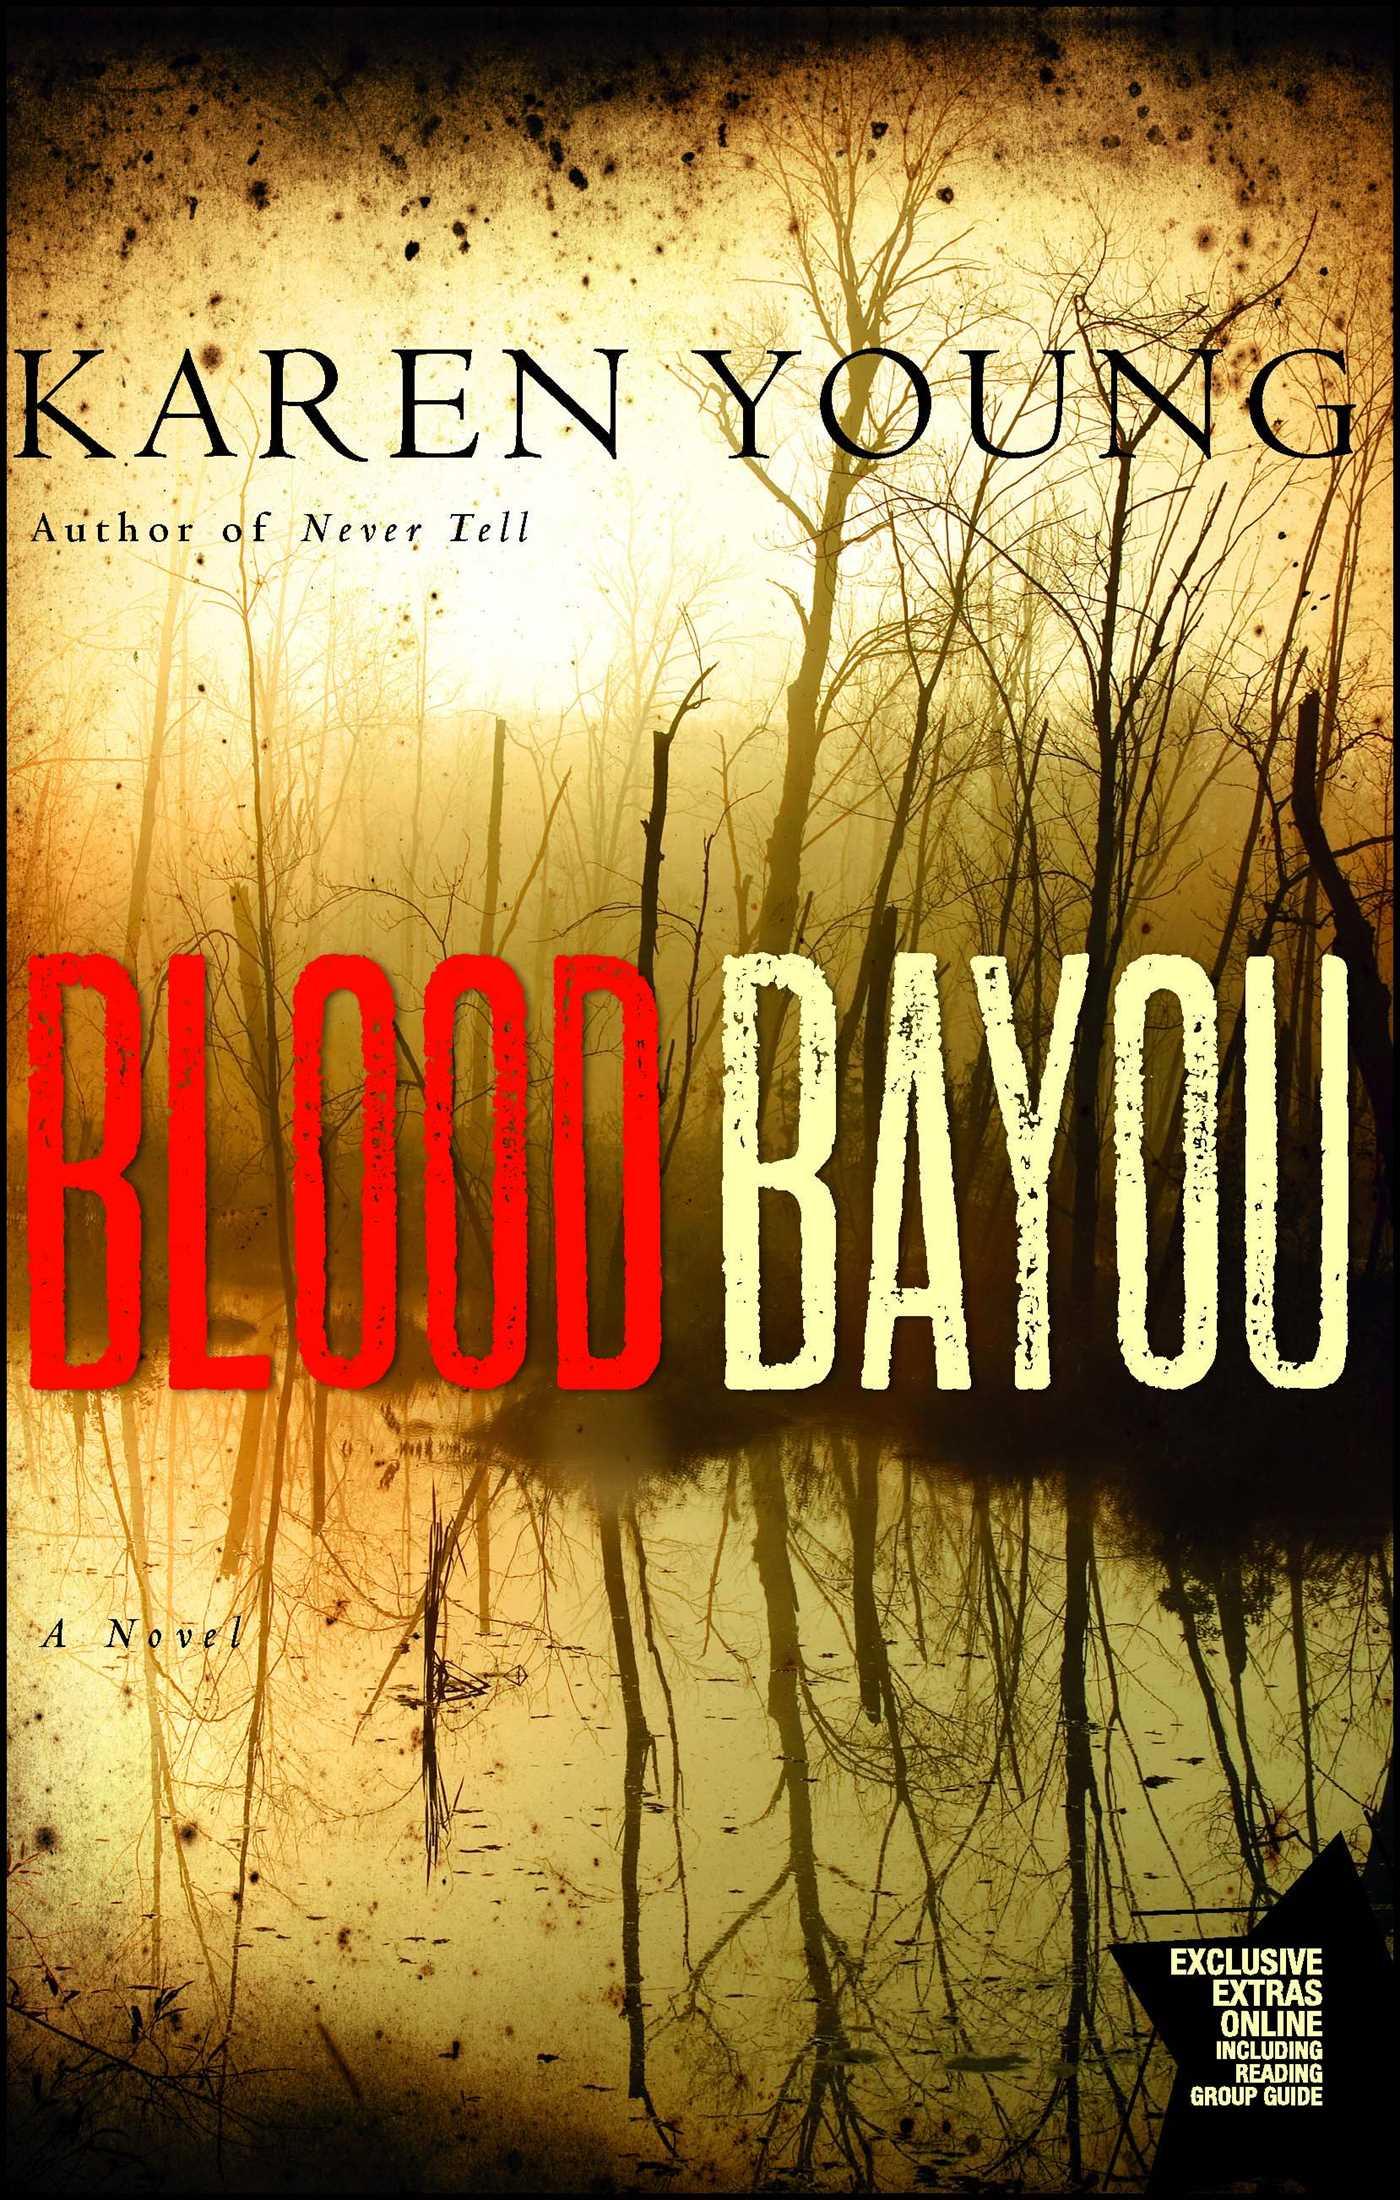 Blood bayou 9781416587507 hr